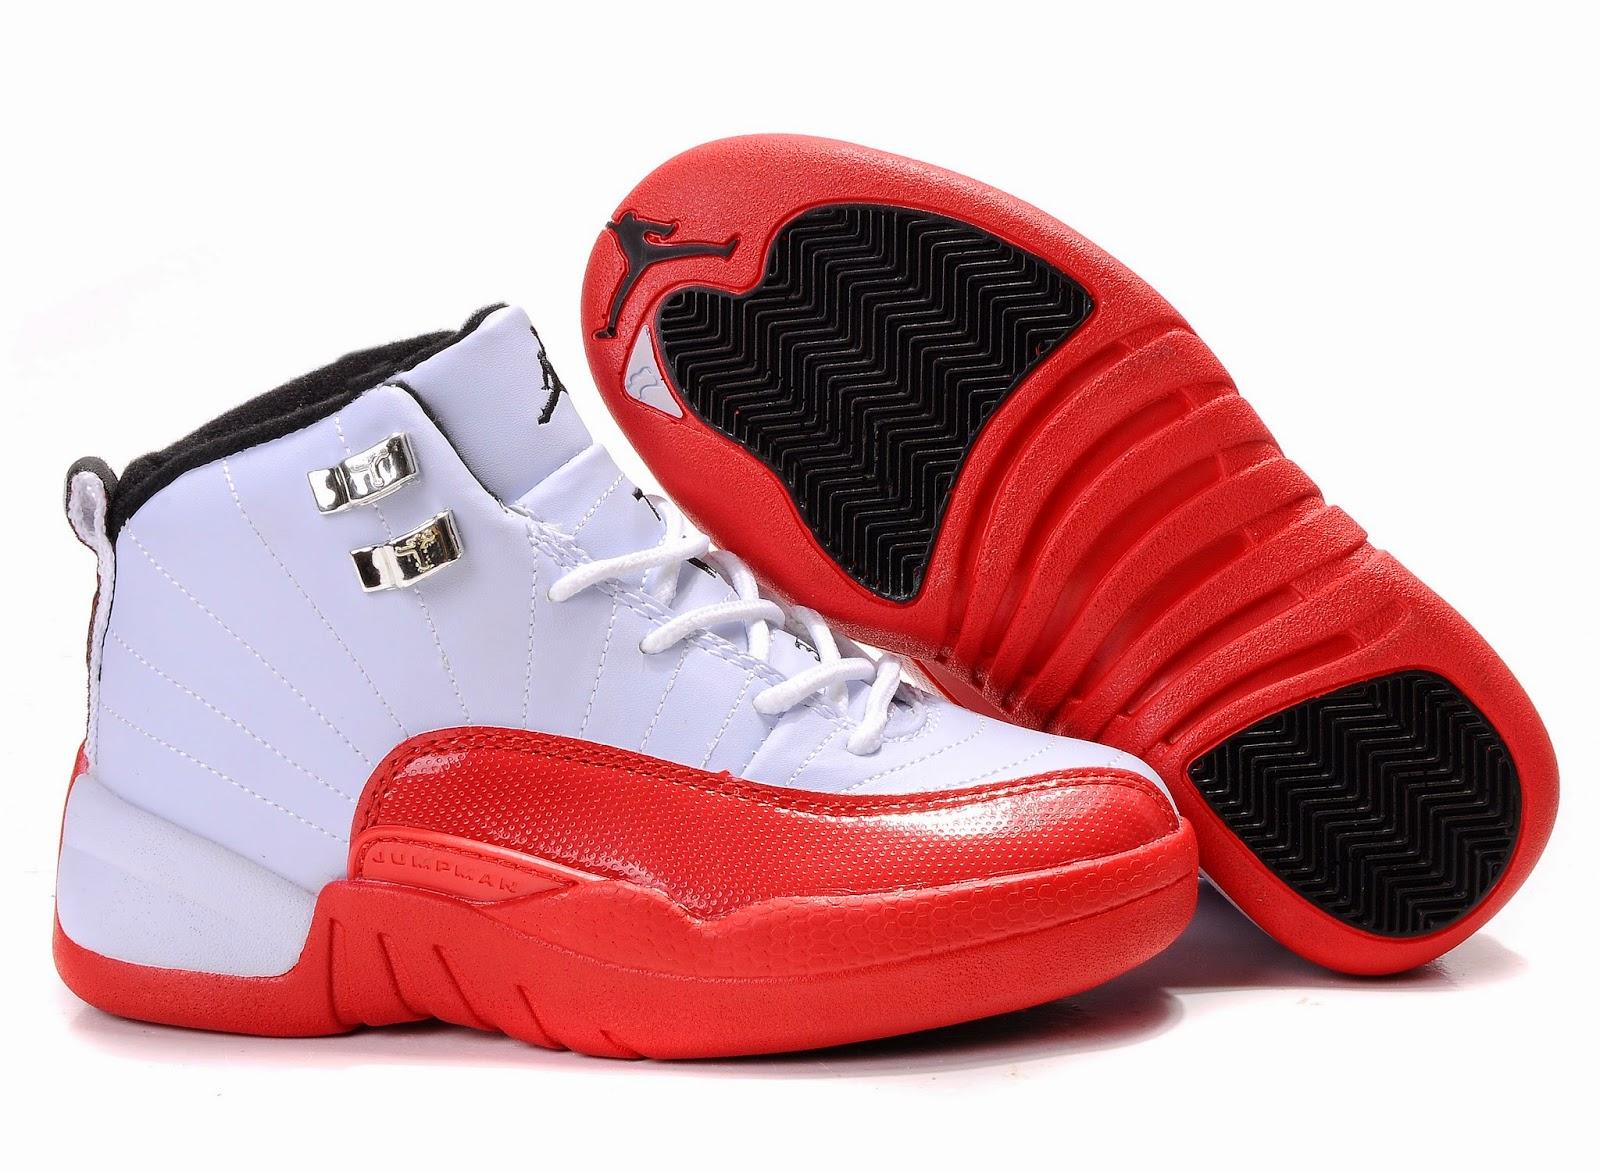 Boy Jordan Shoes White